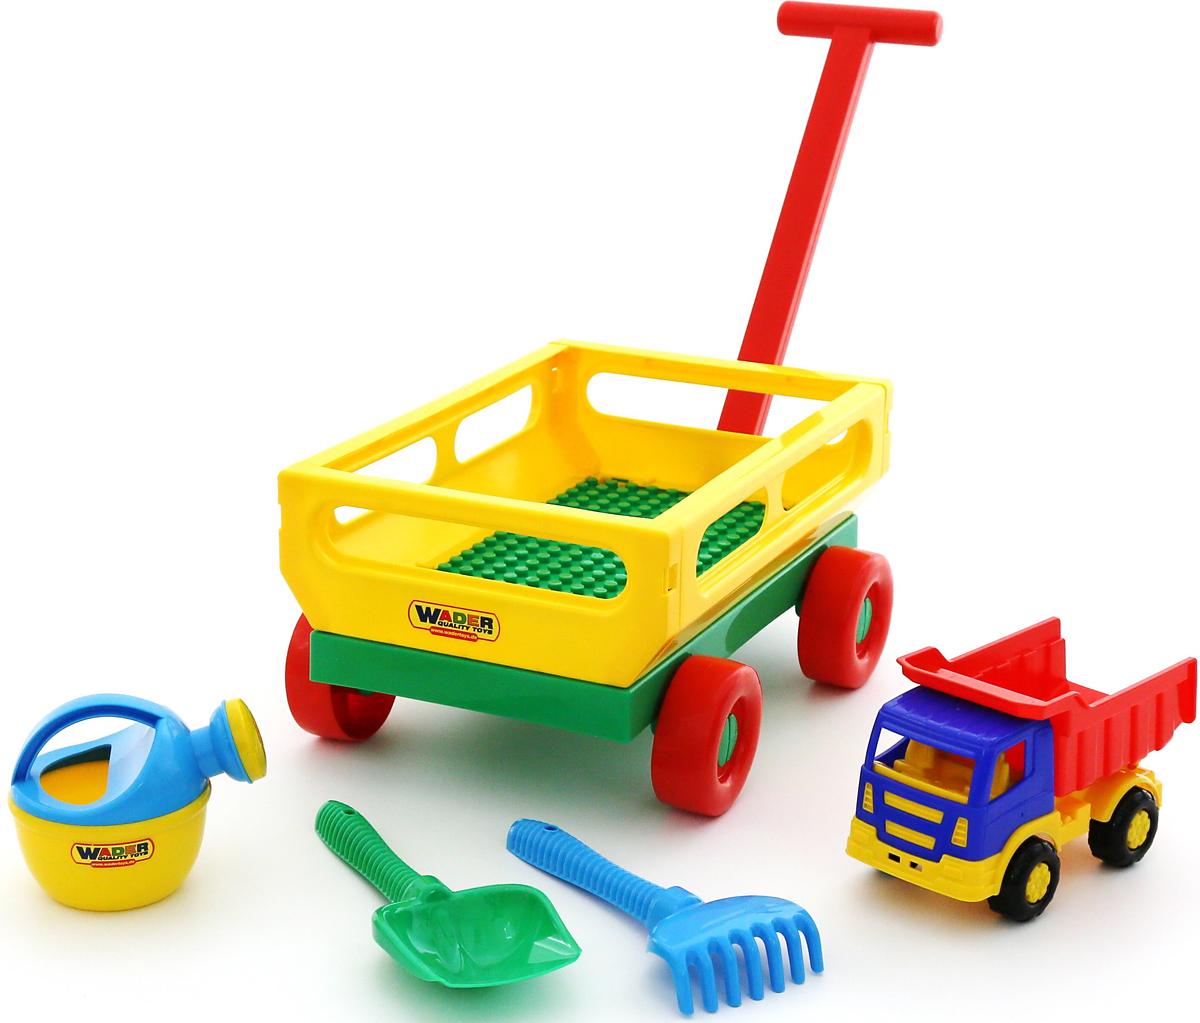 Полесье Набор игрушек для песочницы №494, цвет в ассортименте